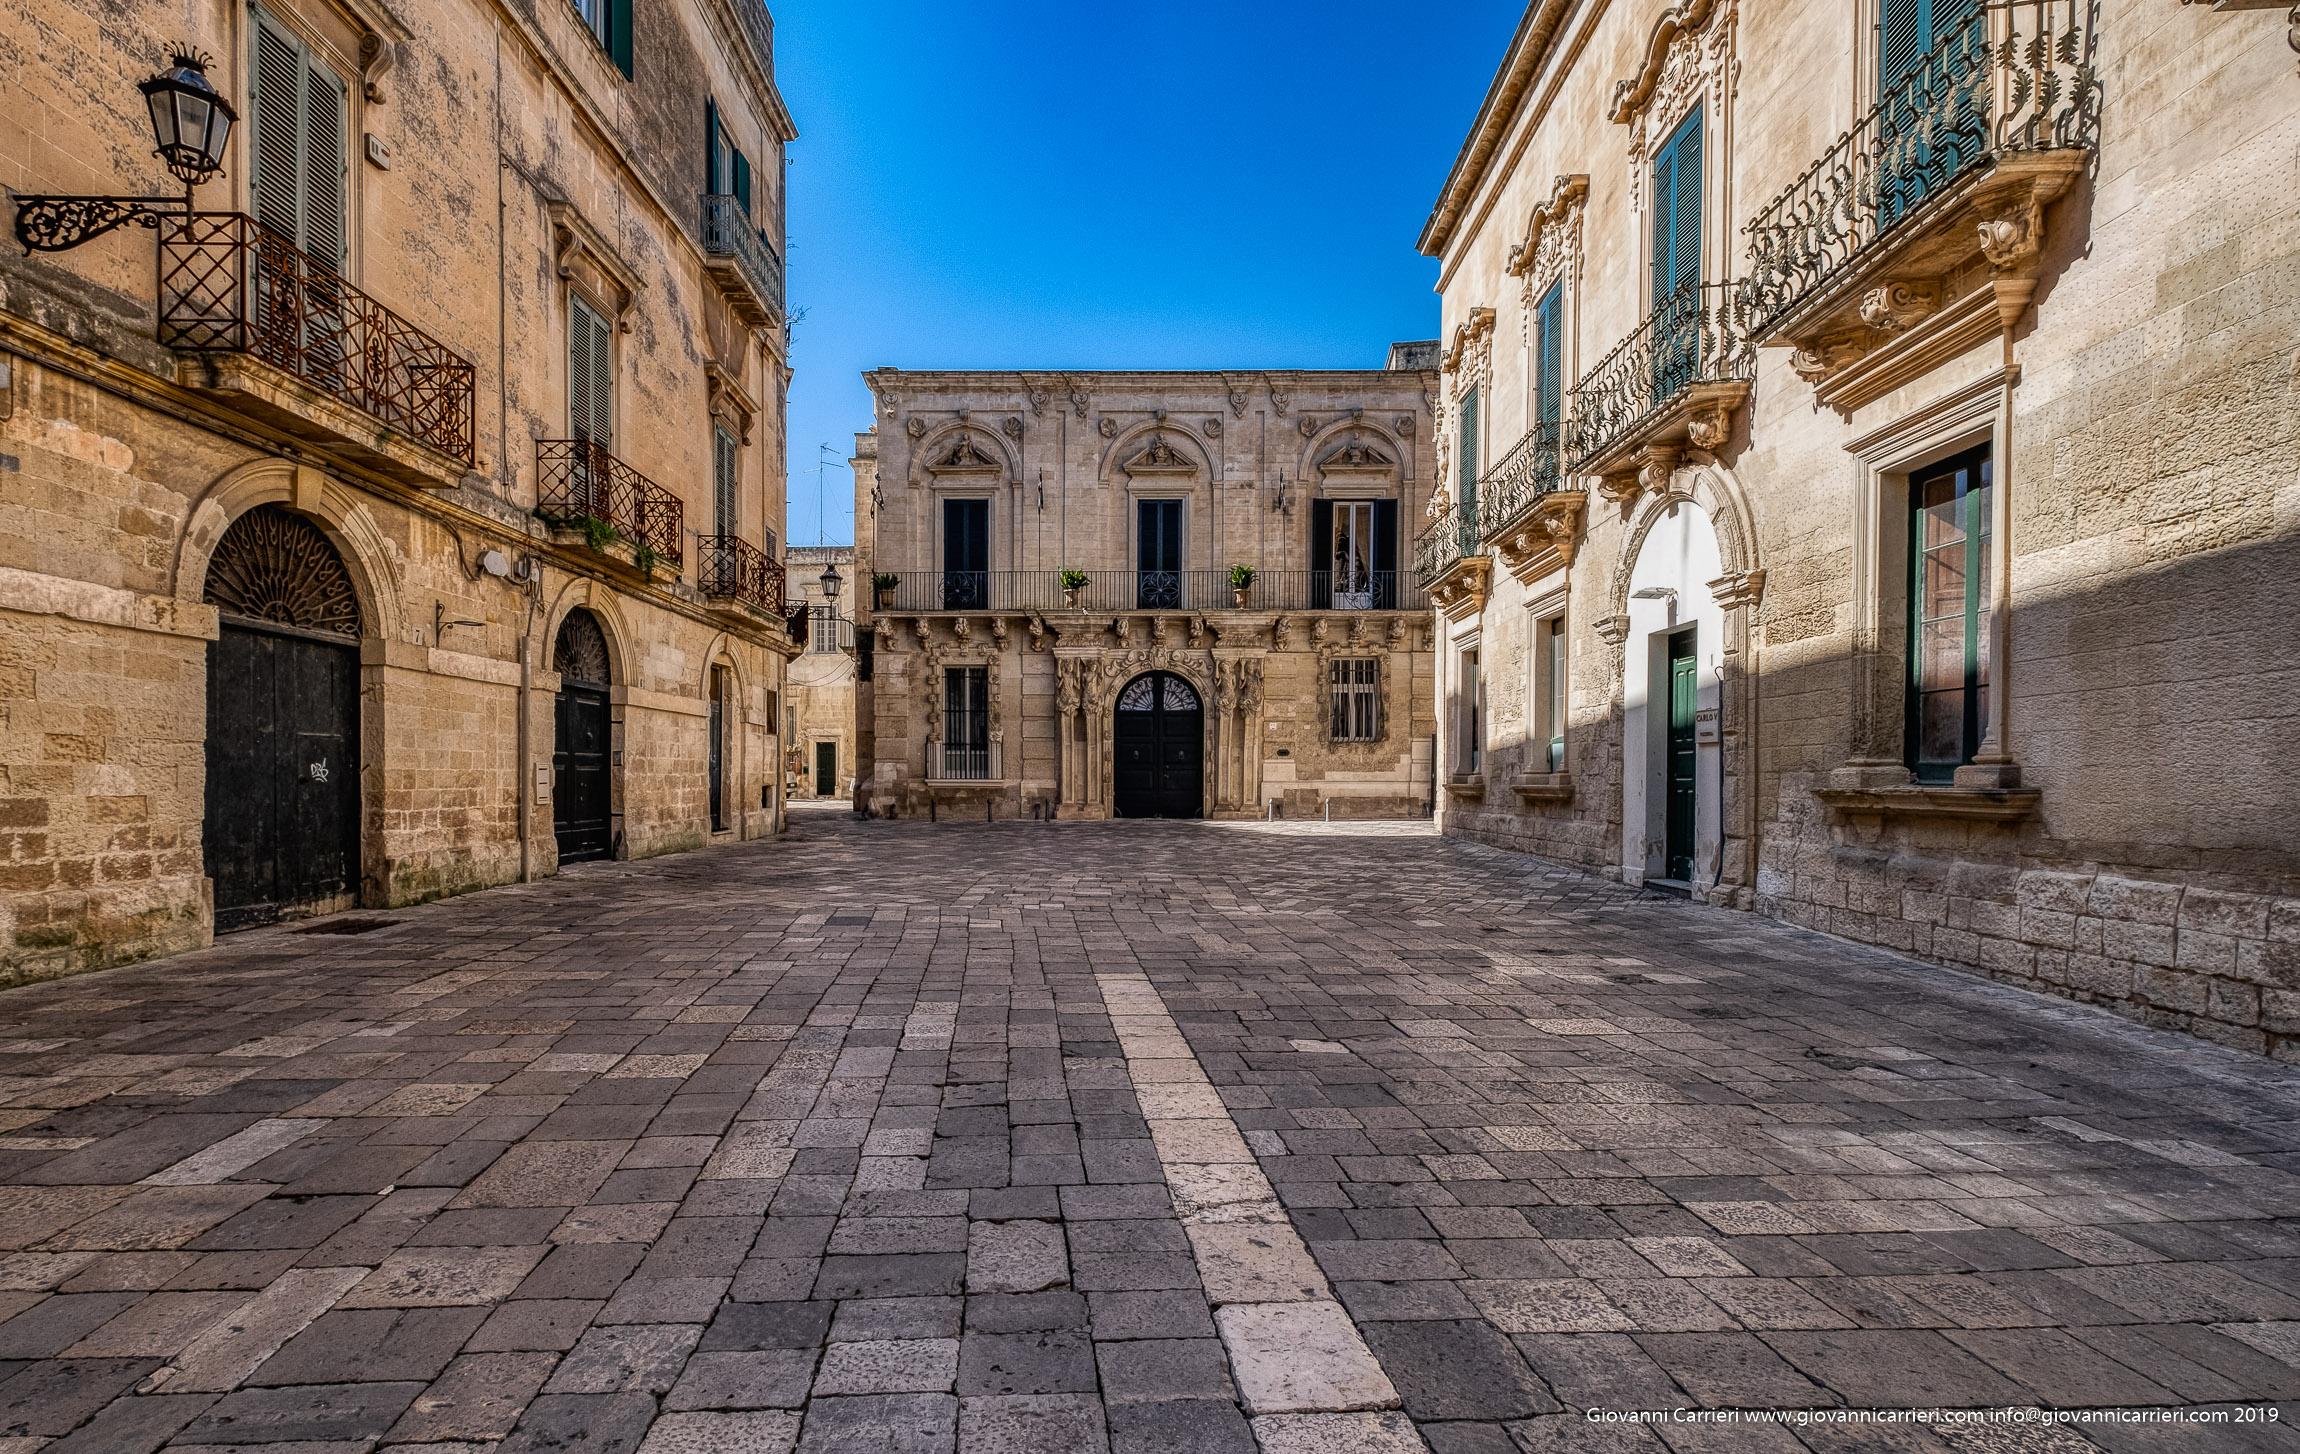 La piazzetta Ignazio Falconieri ed il Palazzo Falconieri in Lecce